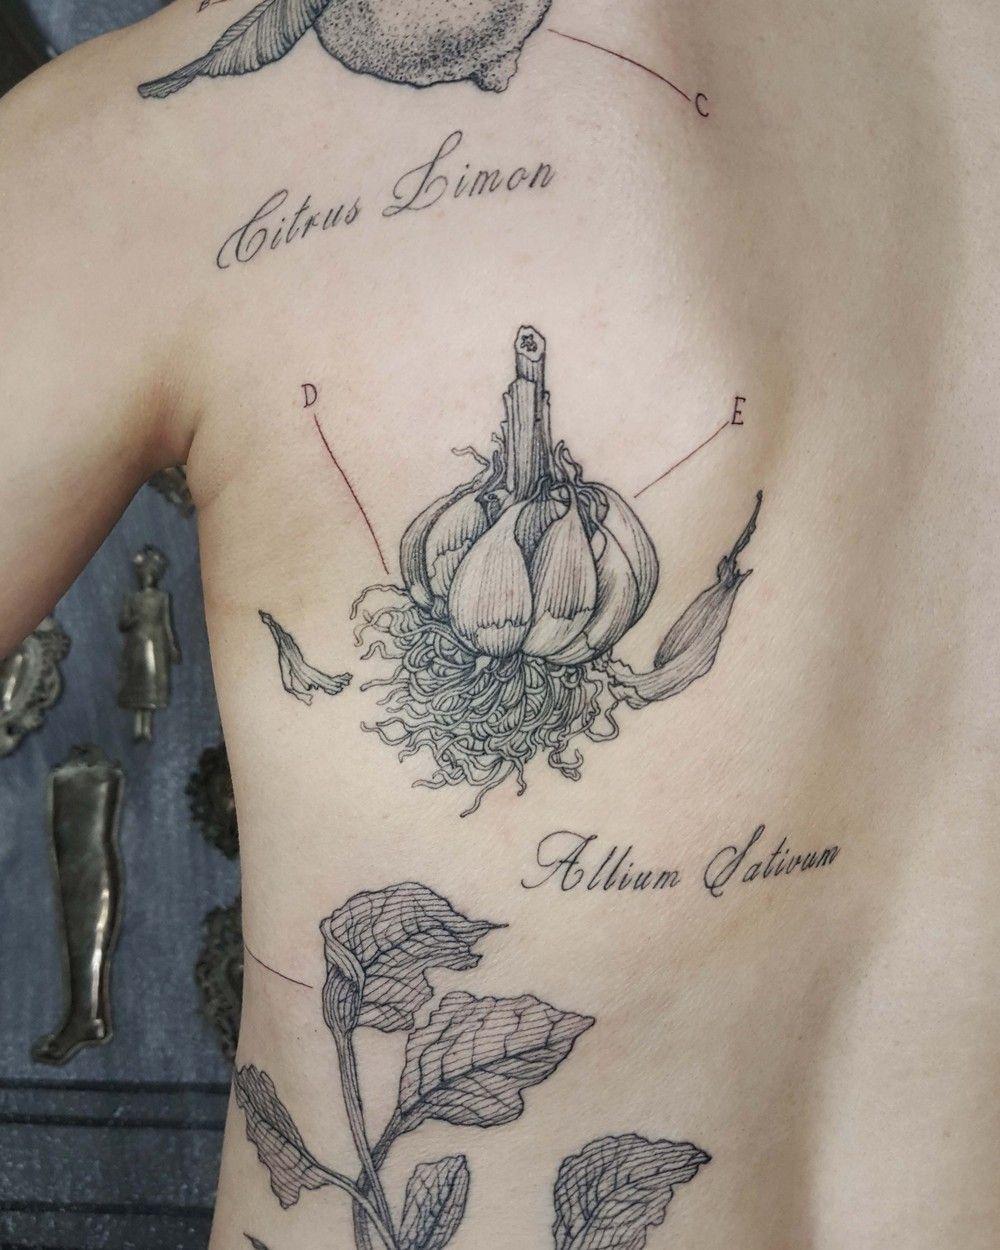 Garlic Botanical Illustration Etching Linework Engraving Milan Italy Purotattoostudio Marcocmatarese Etching Tattoo Engraving Tattoo Botanical Tattoo